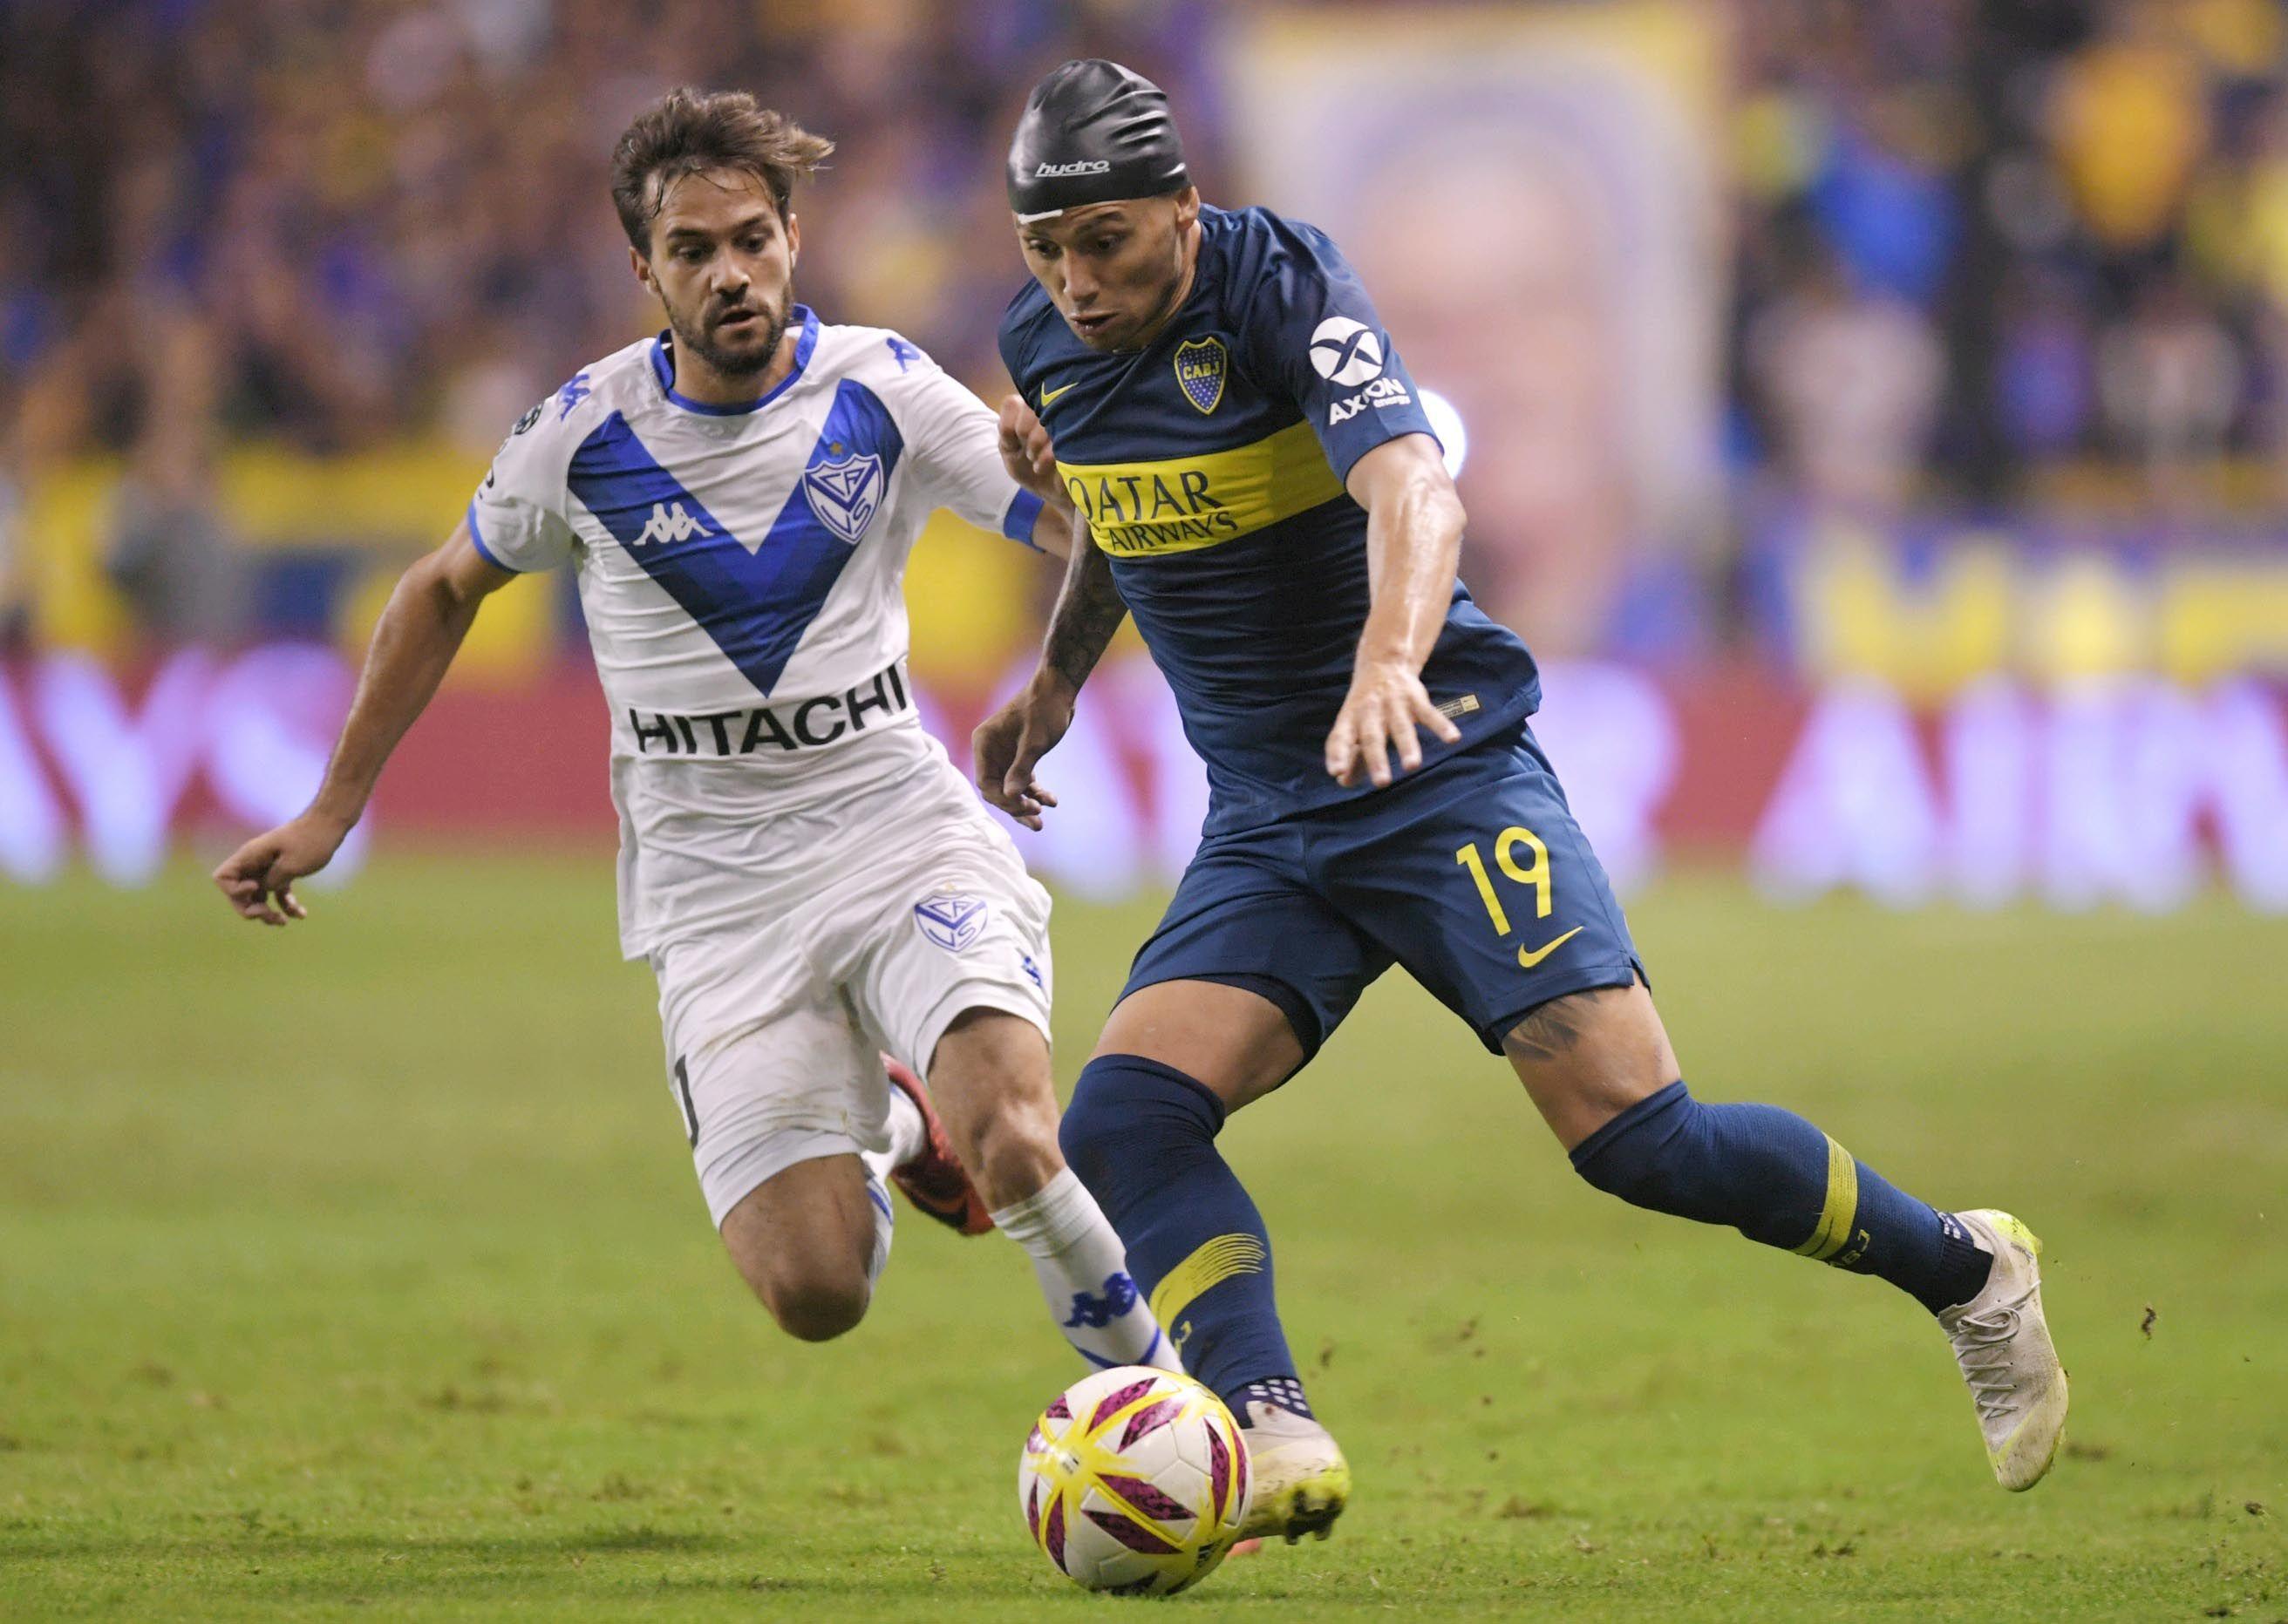 El mensaje de Mauro Zárate en las redes sociales después de eliminar a Vélez